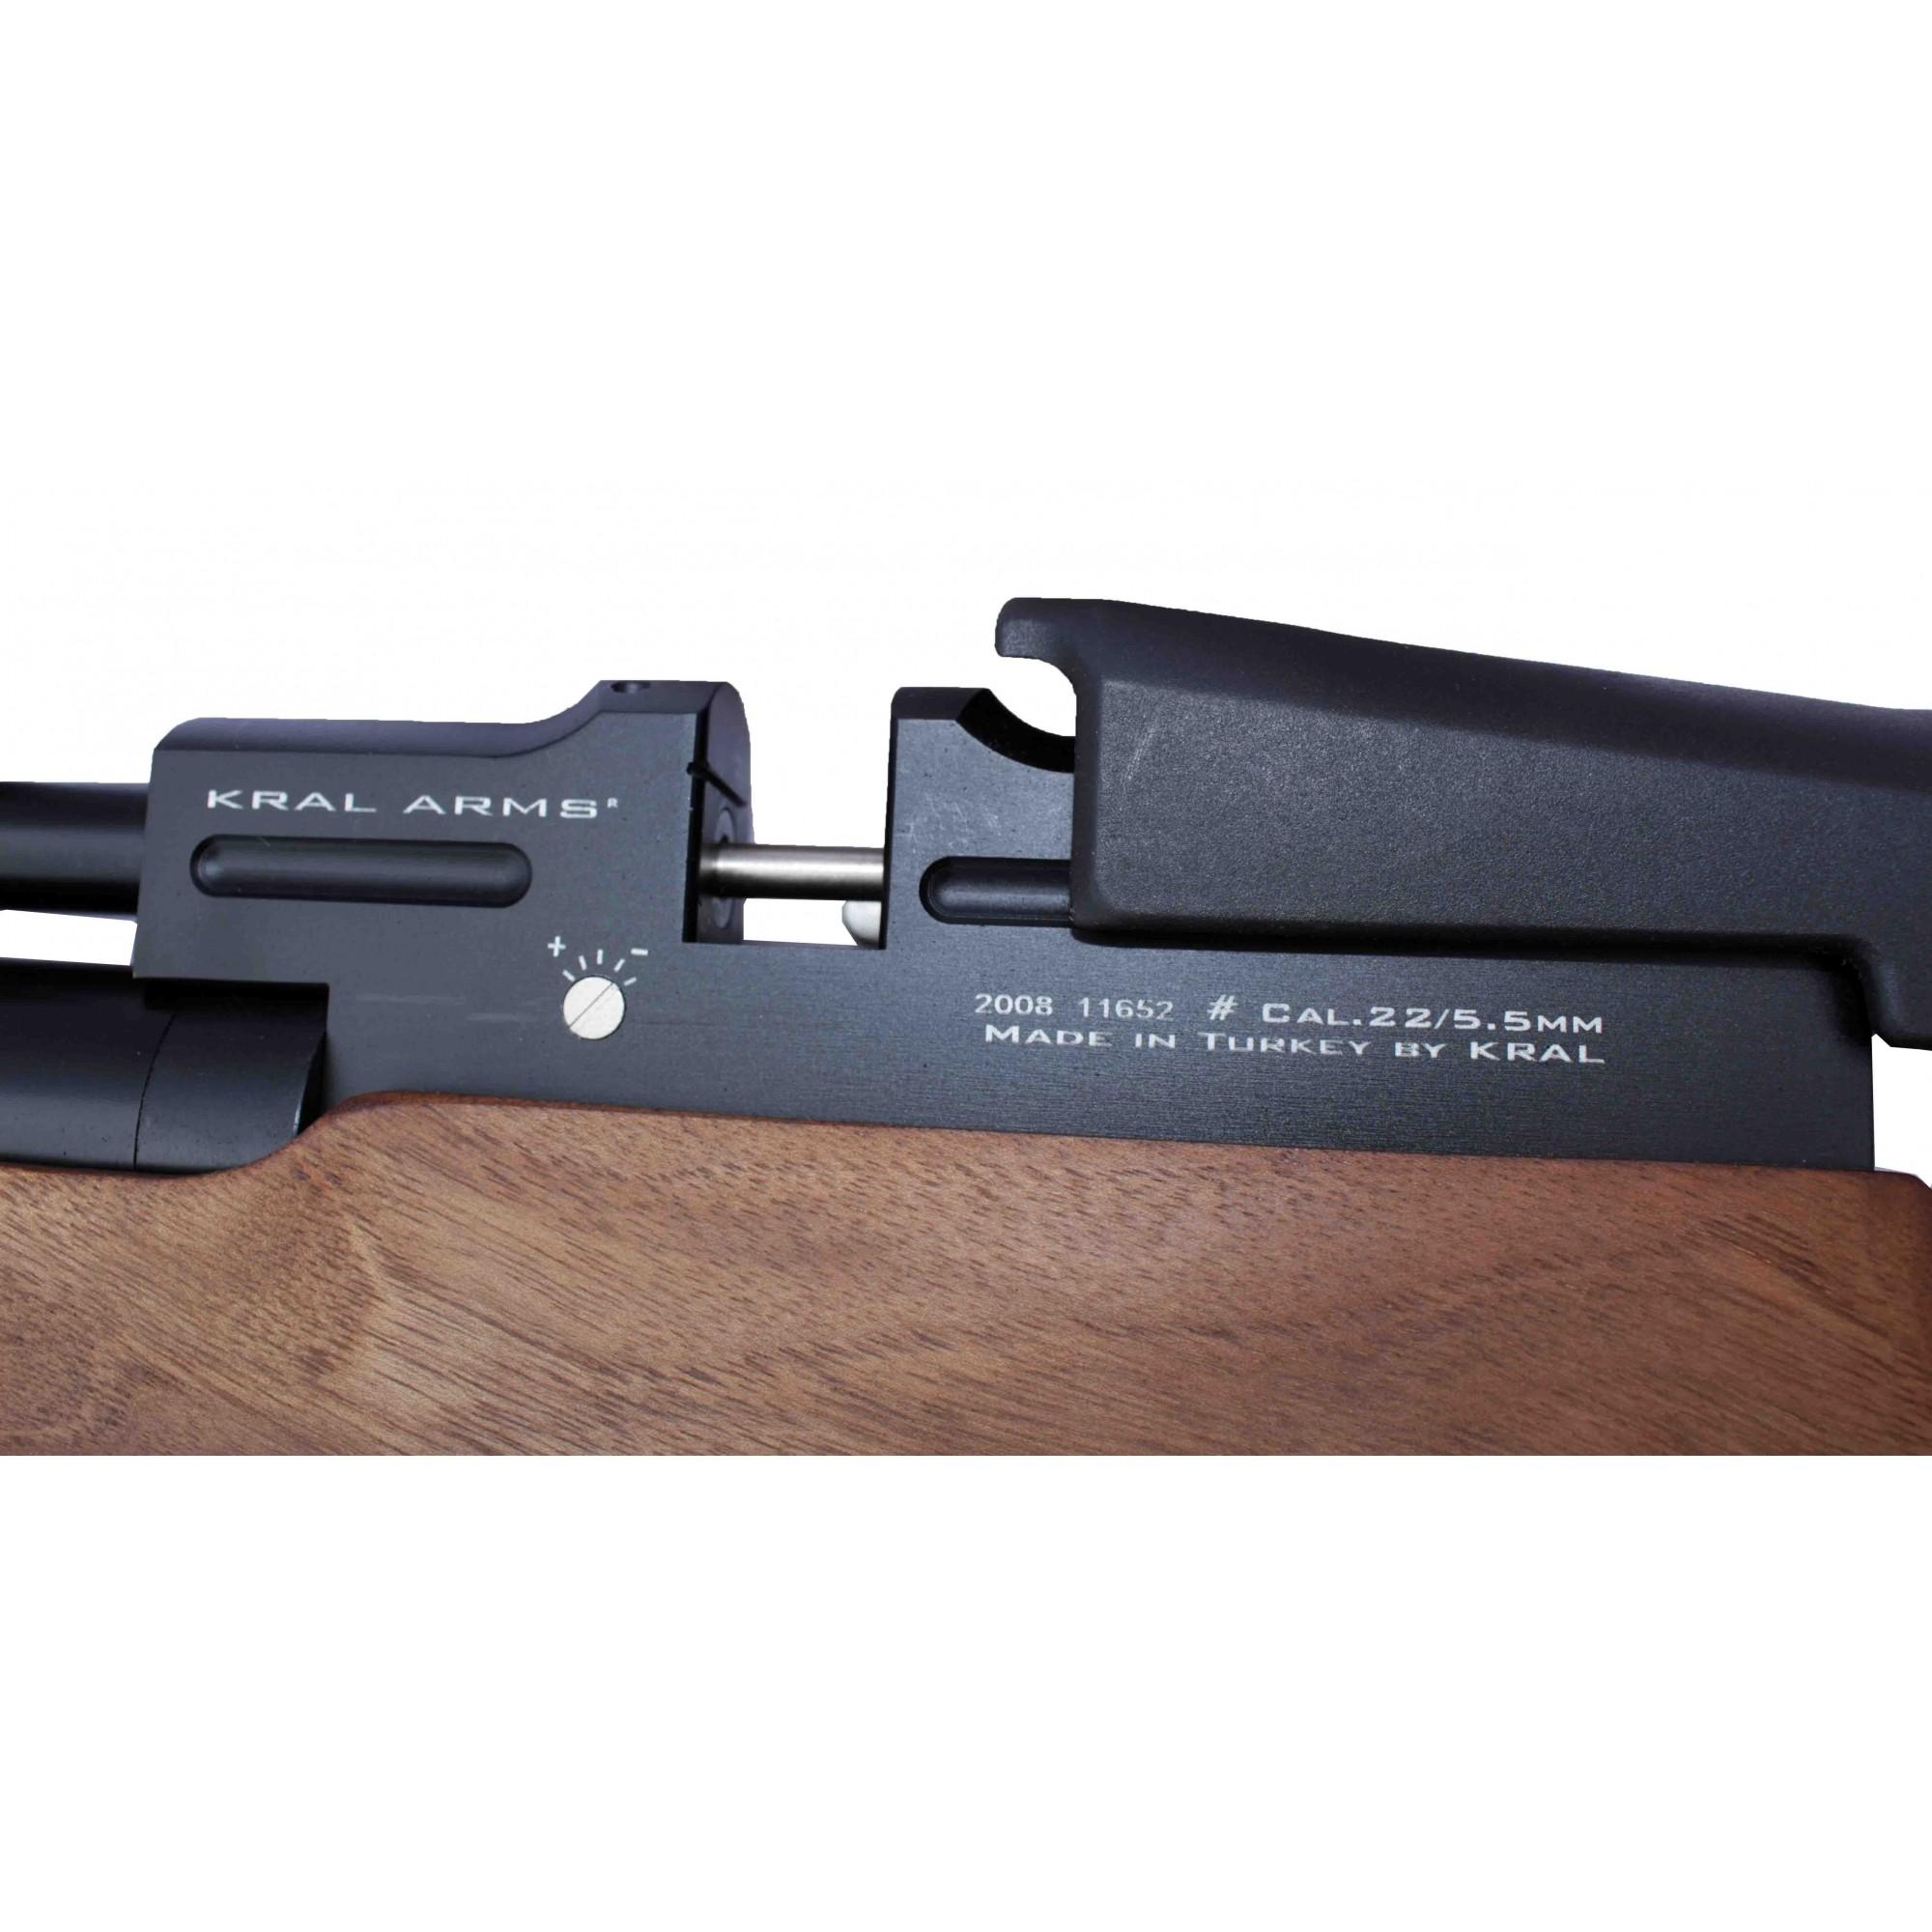 Carabina de PressPCP Kral Puncher Breaker W 5.5mm